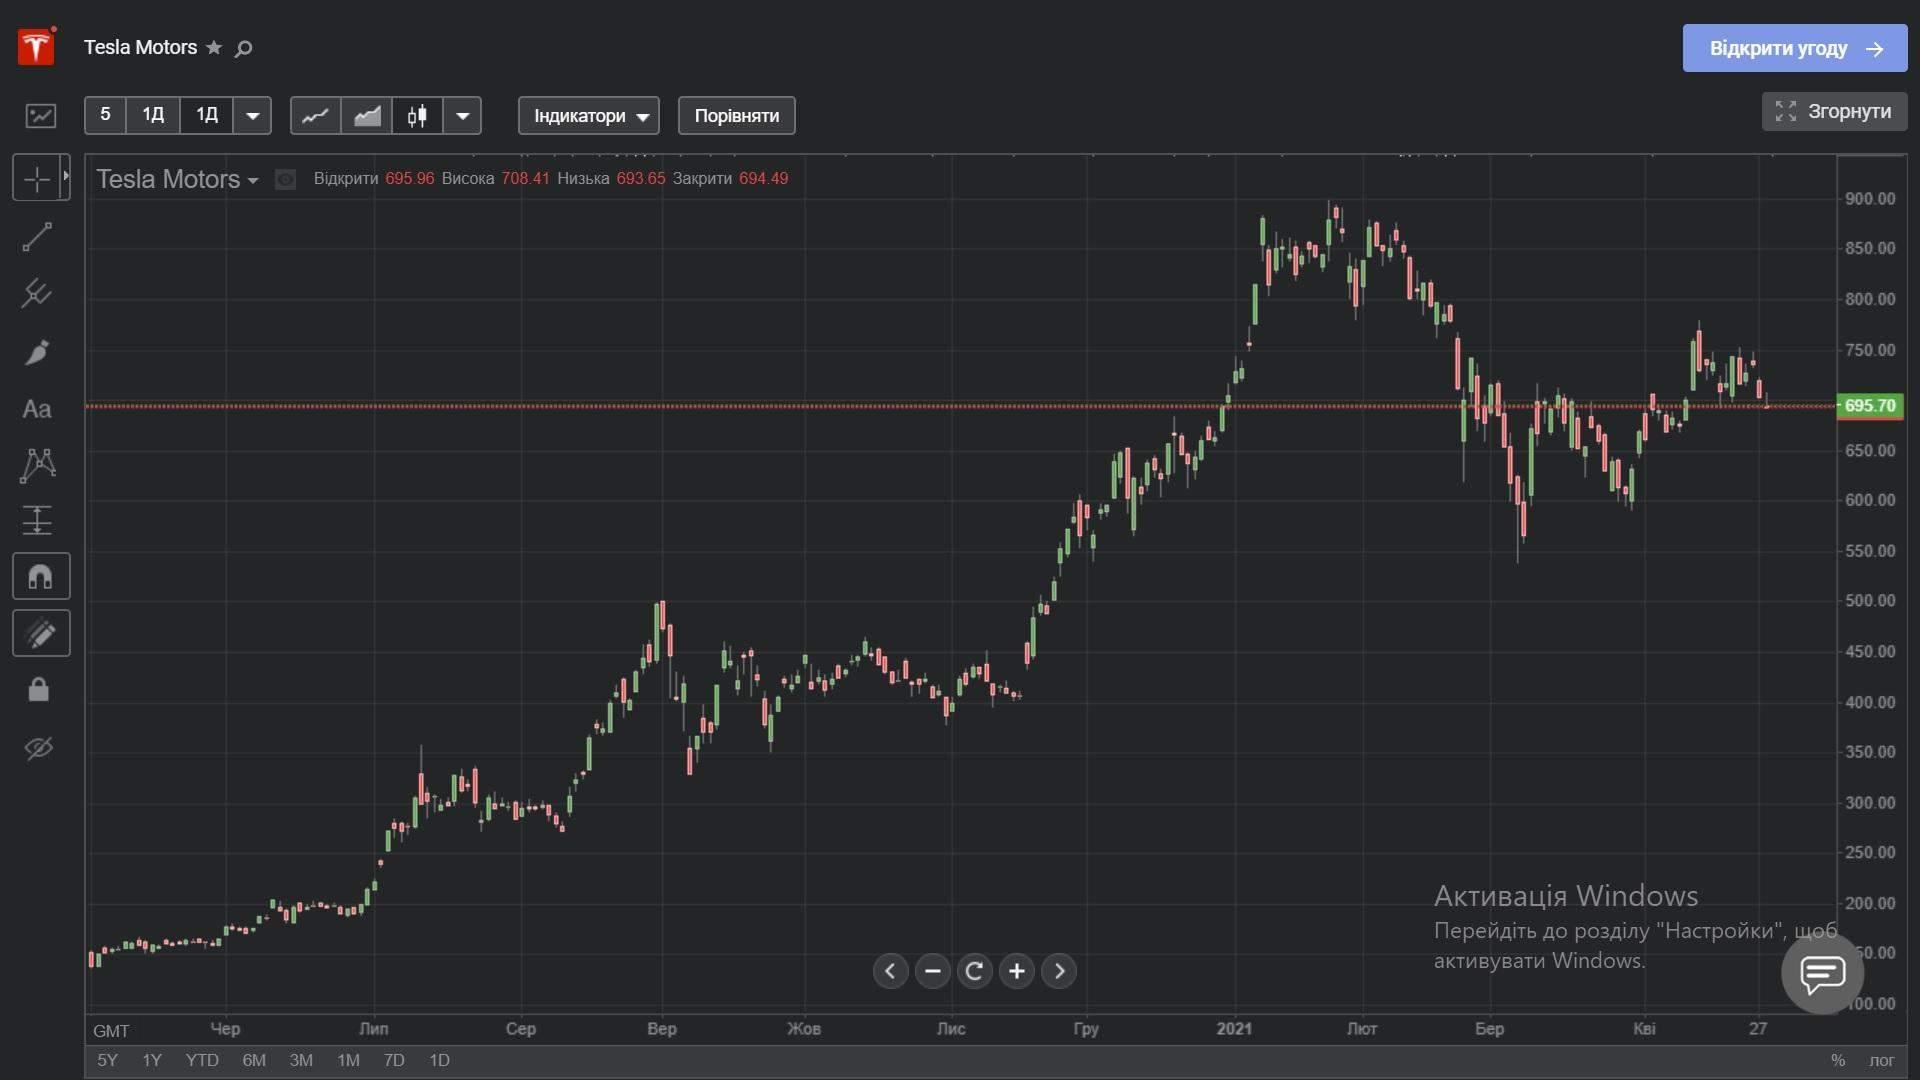 Ціна акцій Tesla за останній рік